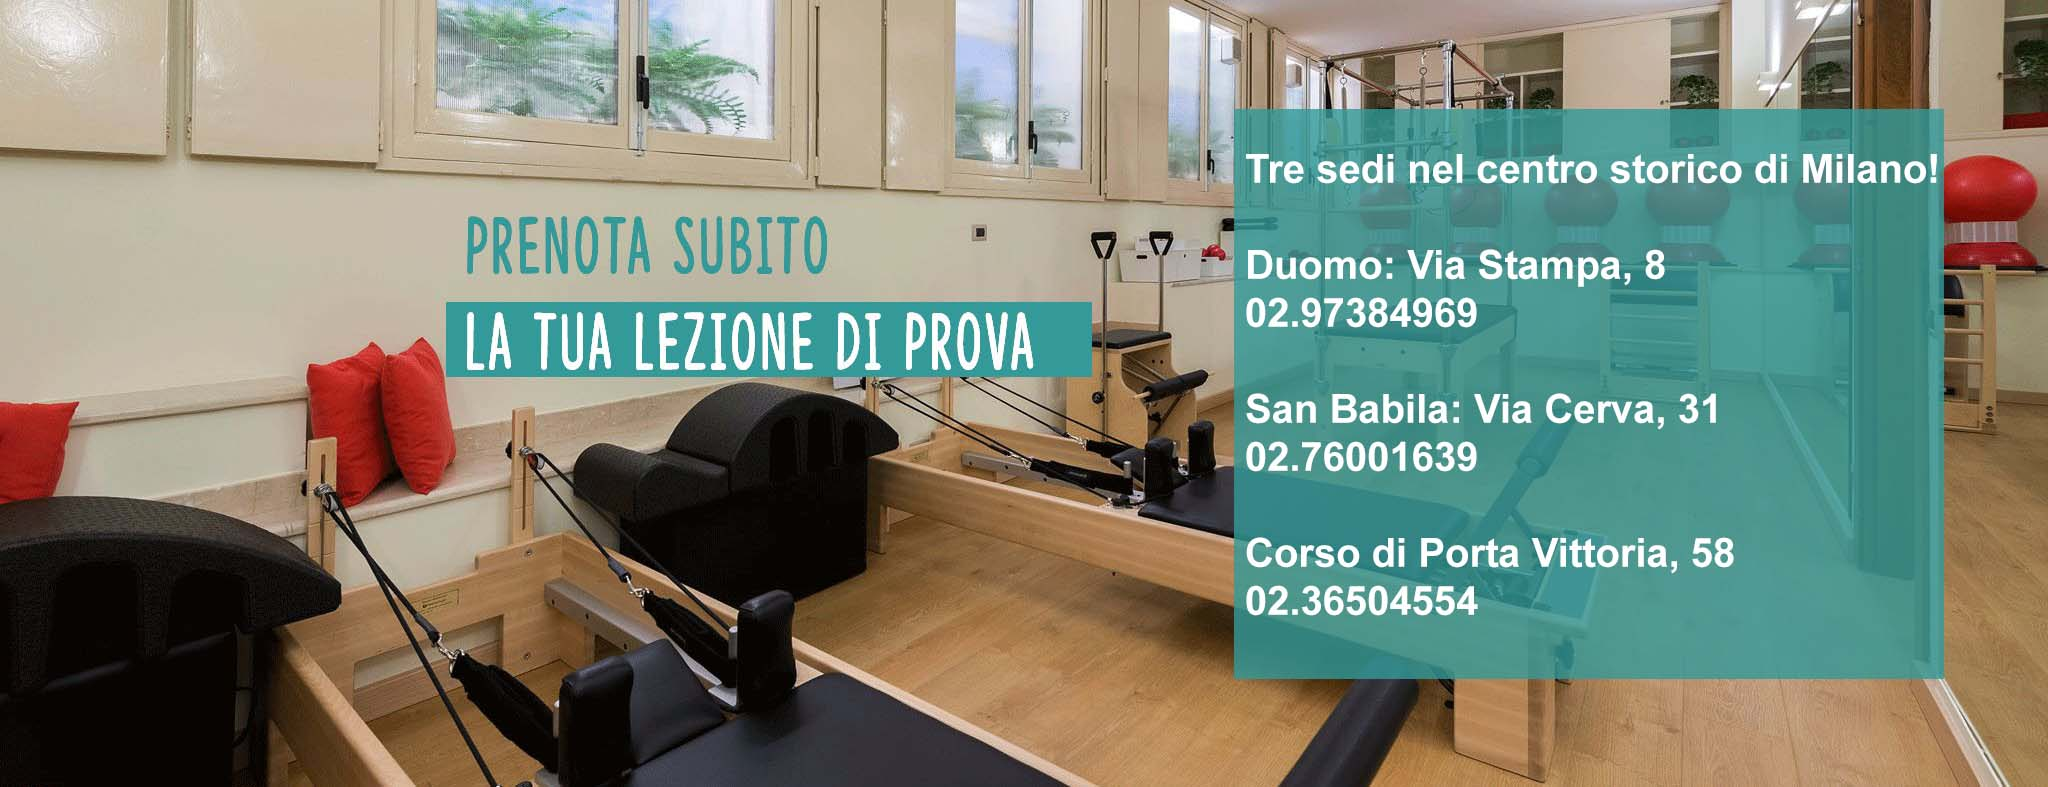 Pilates Pre Parto Viale Abruzzi Milano - Prenota subito la tua lezione di prova